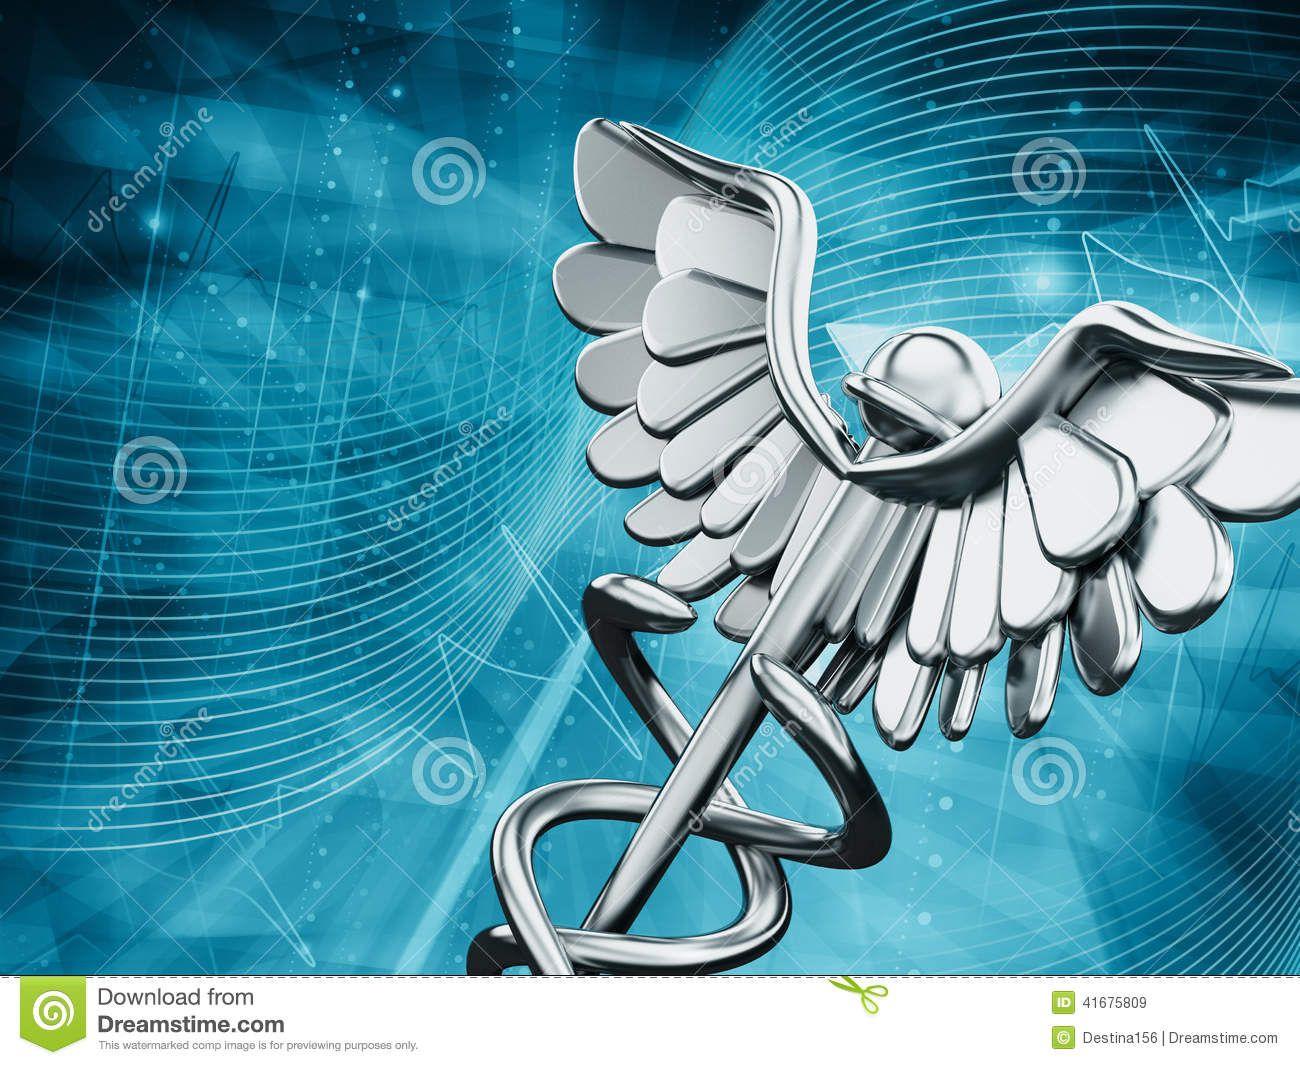 simbolo de enfermeria - Buscar con Google